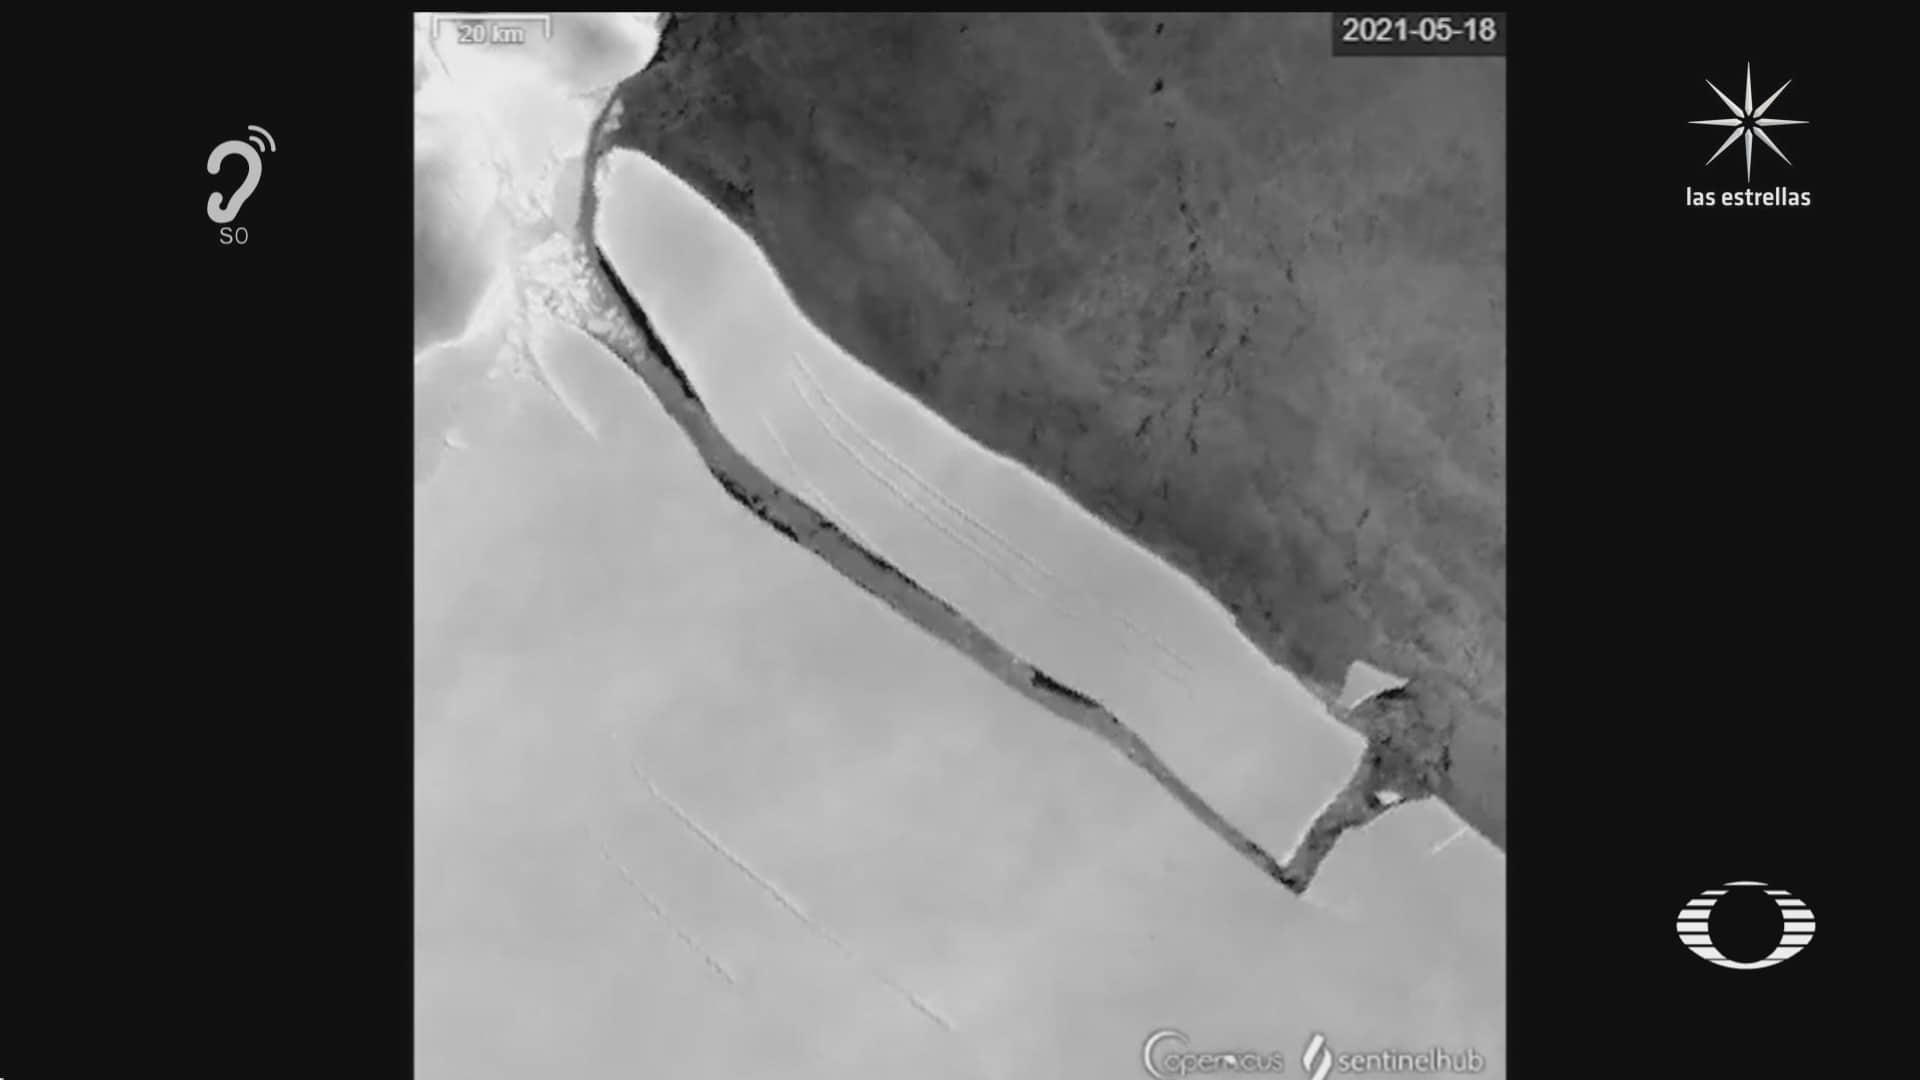 enorme iceberg se desprende de la antartida